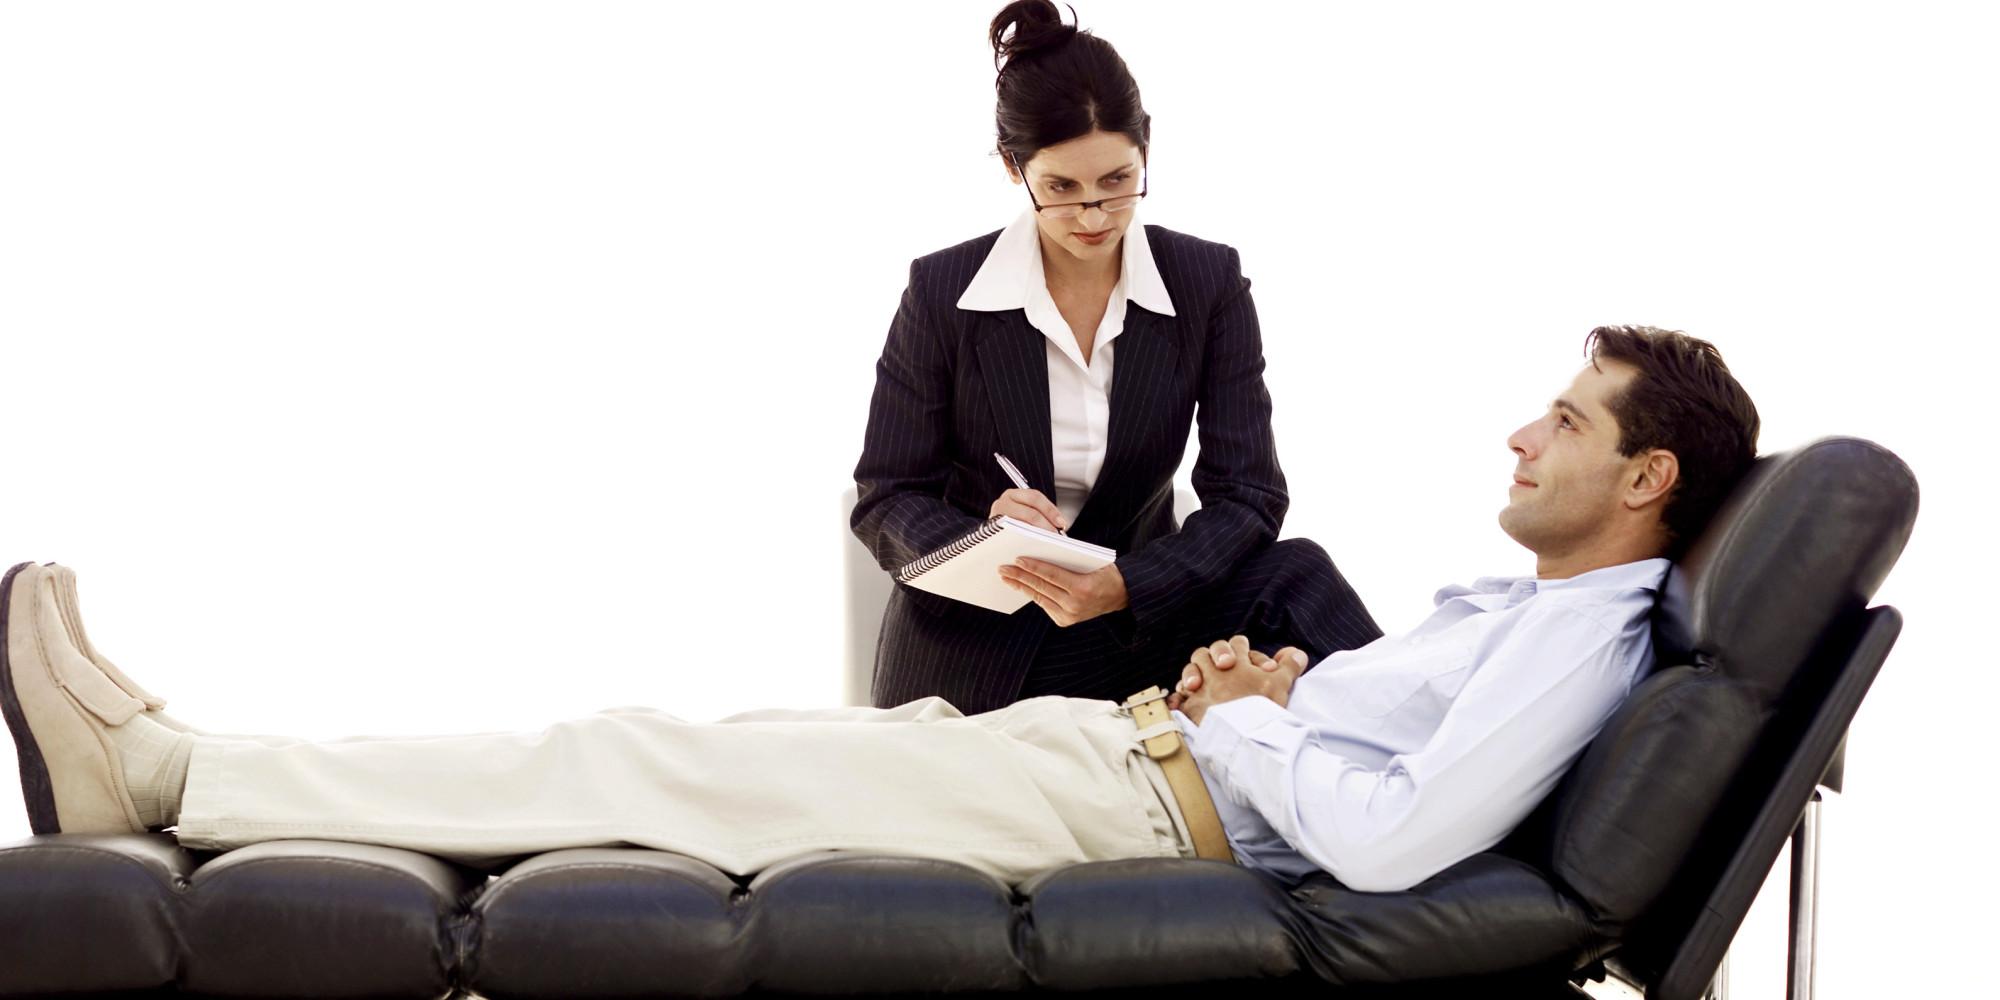 Психологи подберут подходящий метод лечения зависимости